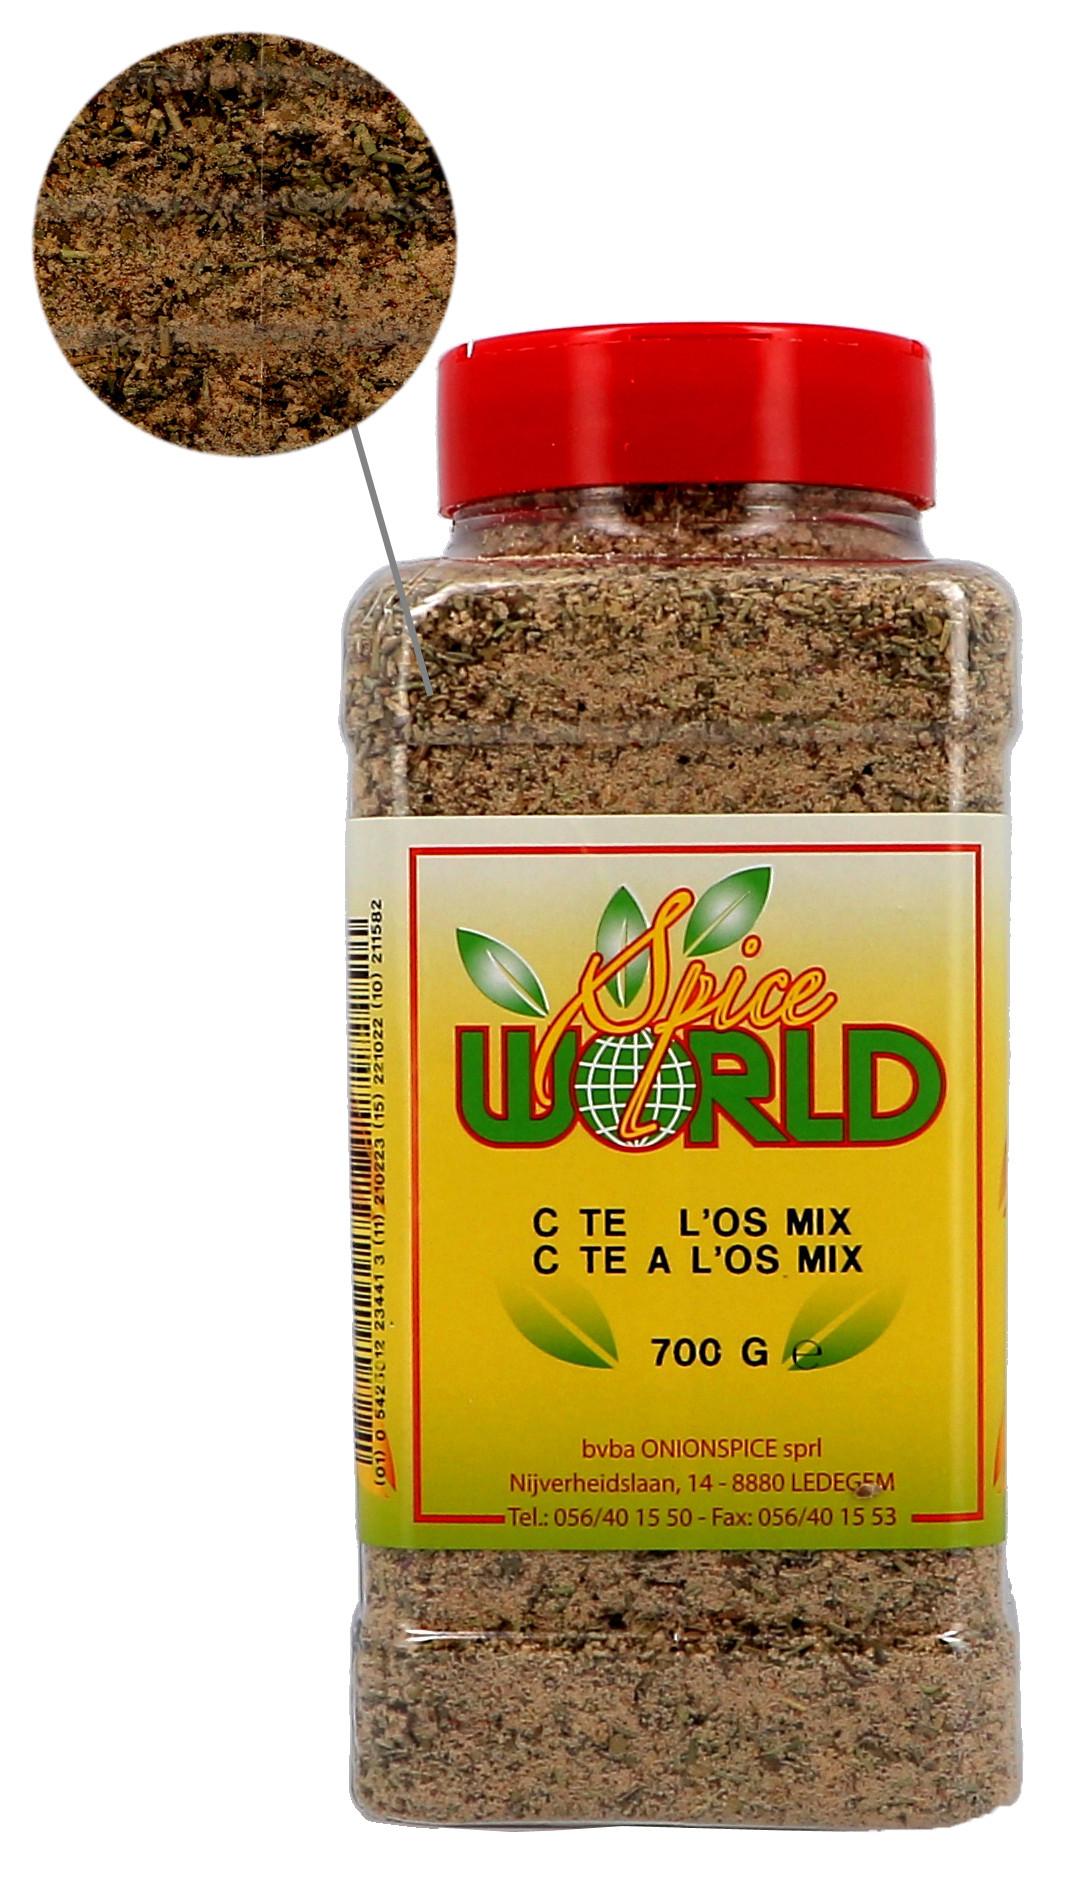 Epices pour cote a l'Os 700gr Cello Spice World (Isfi & Verstegen)